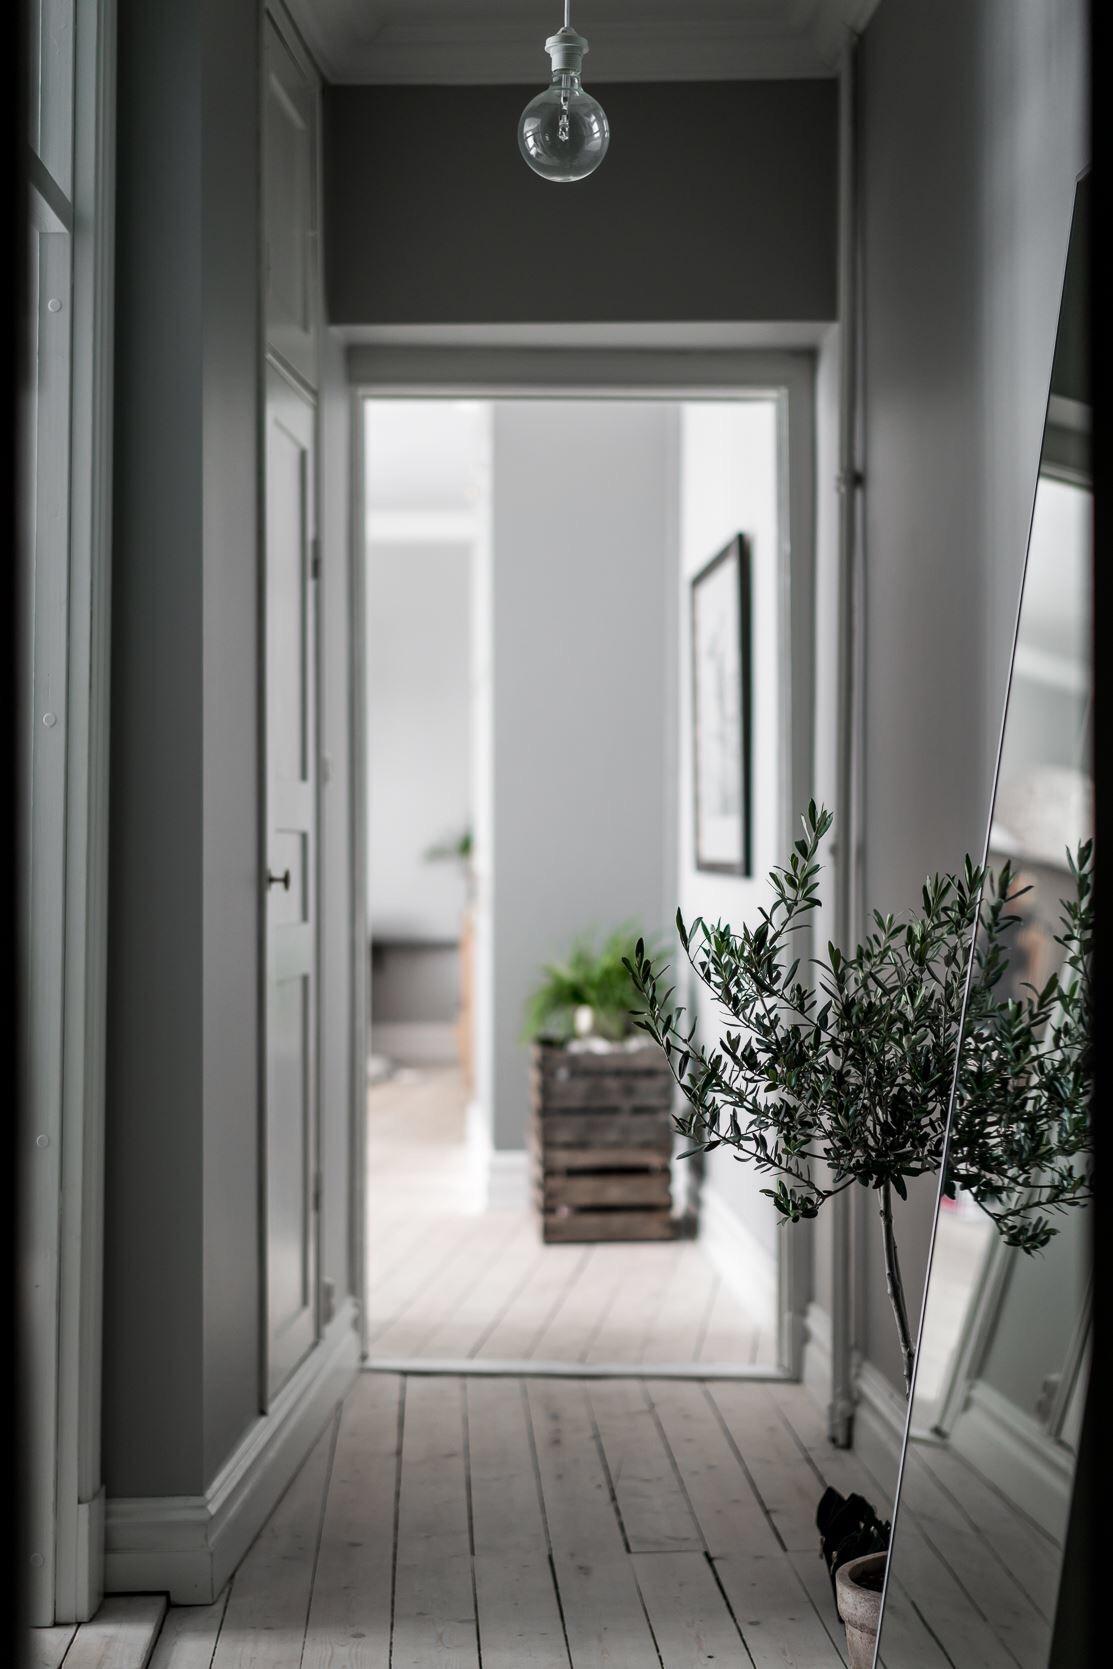 коридор двери серые стены деревянный пол напольное зеркало